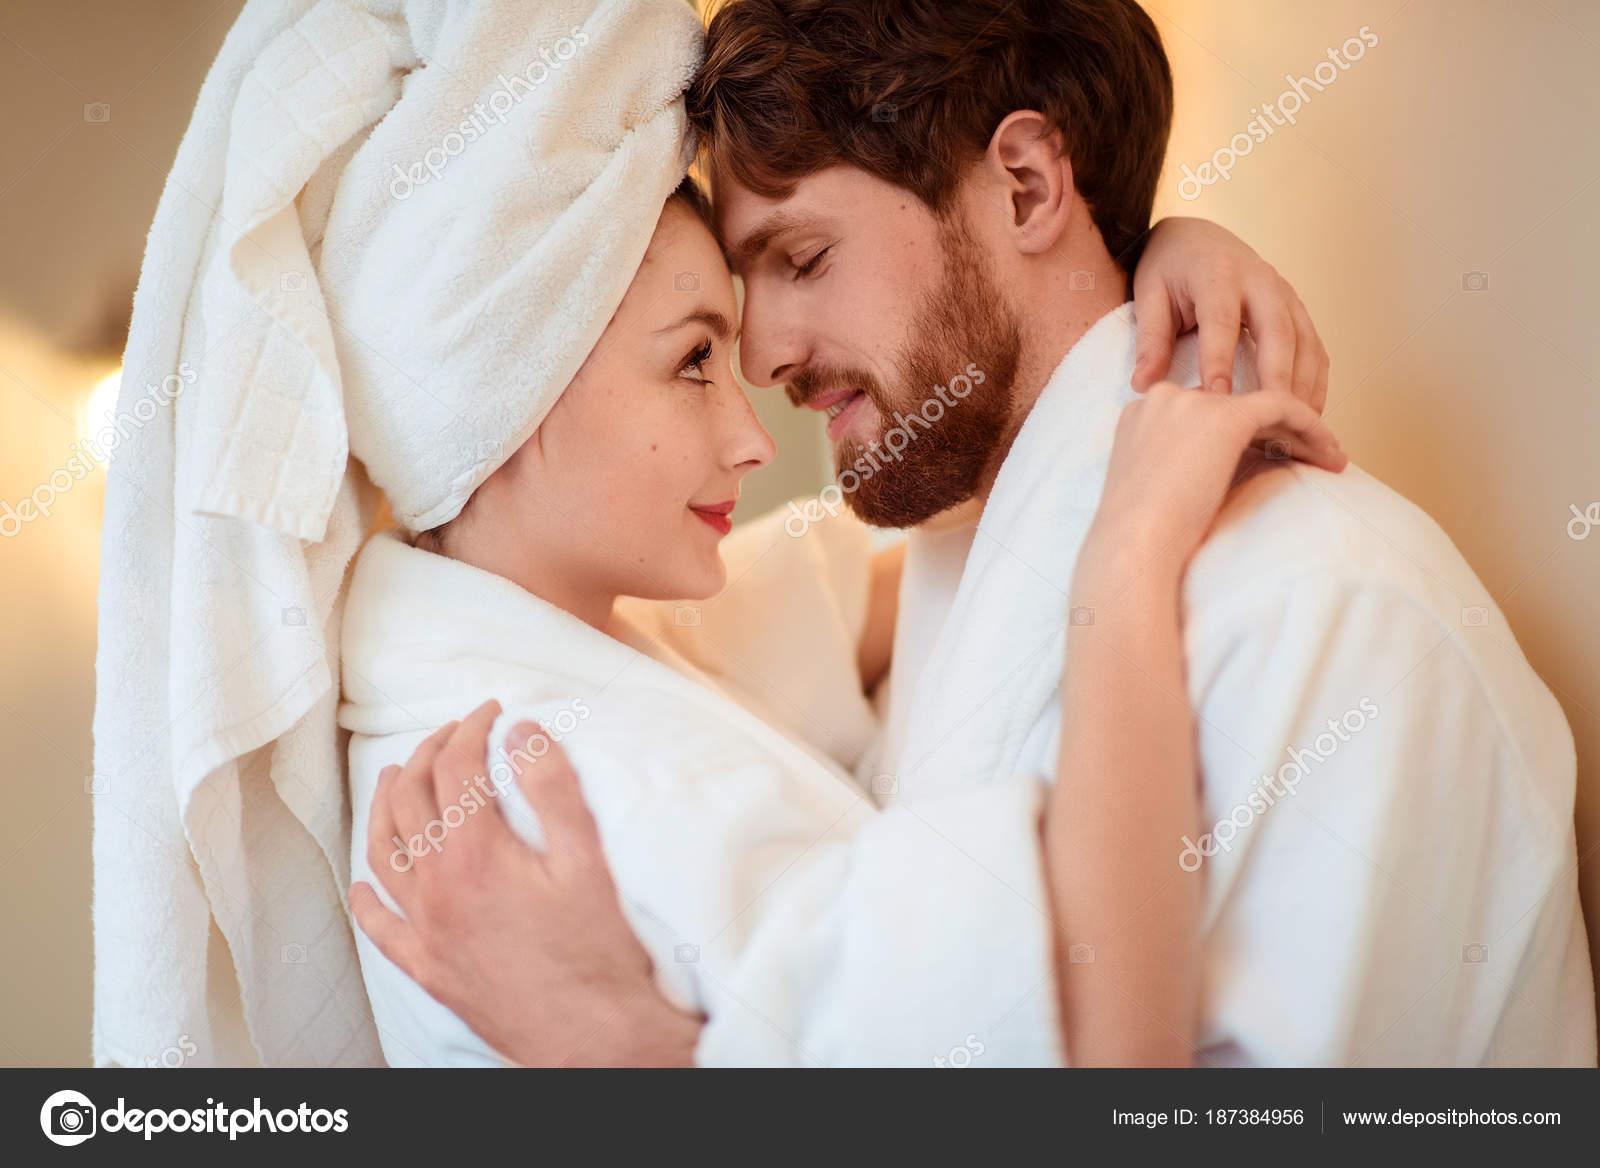 Zár-megjelöl szemcsésedik-ból gyönyörű nő és lány férje átölel egymást 89cd695a69